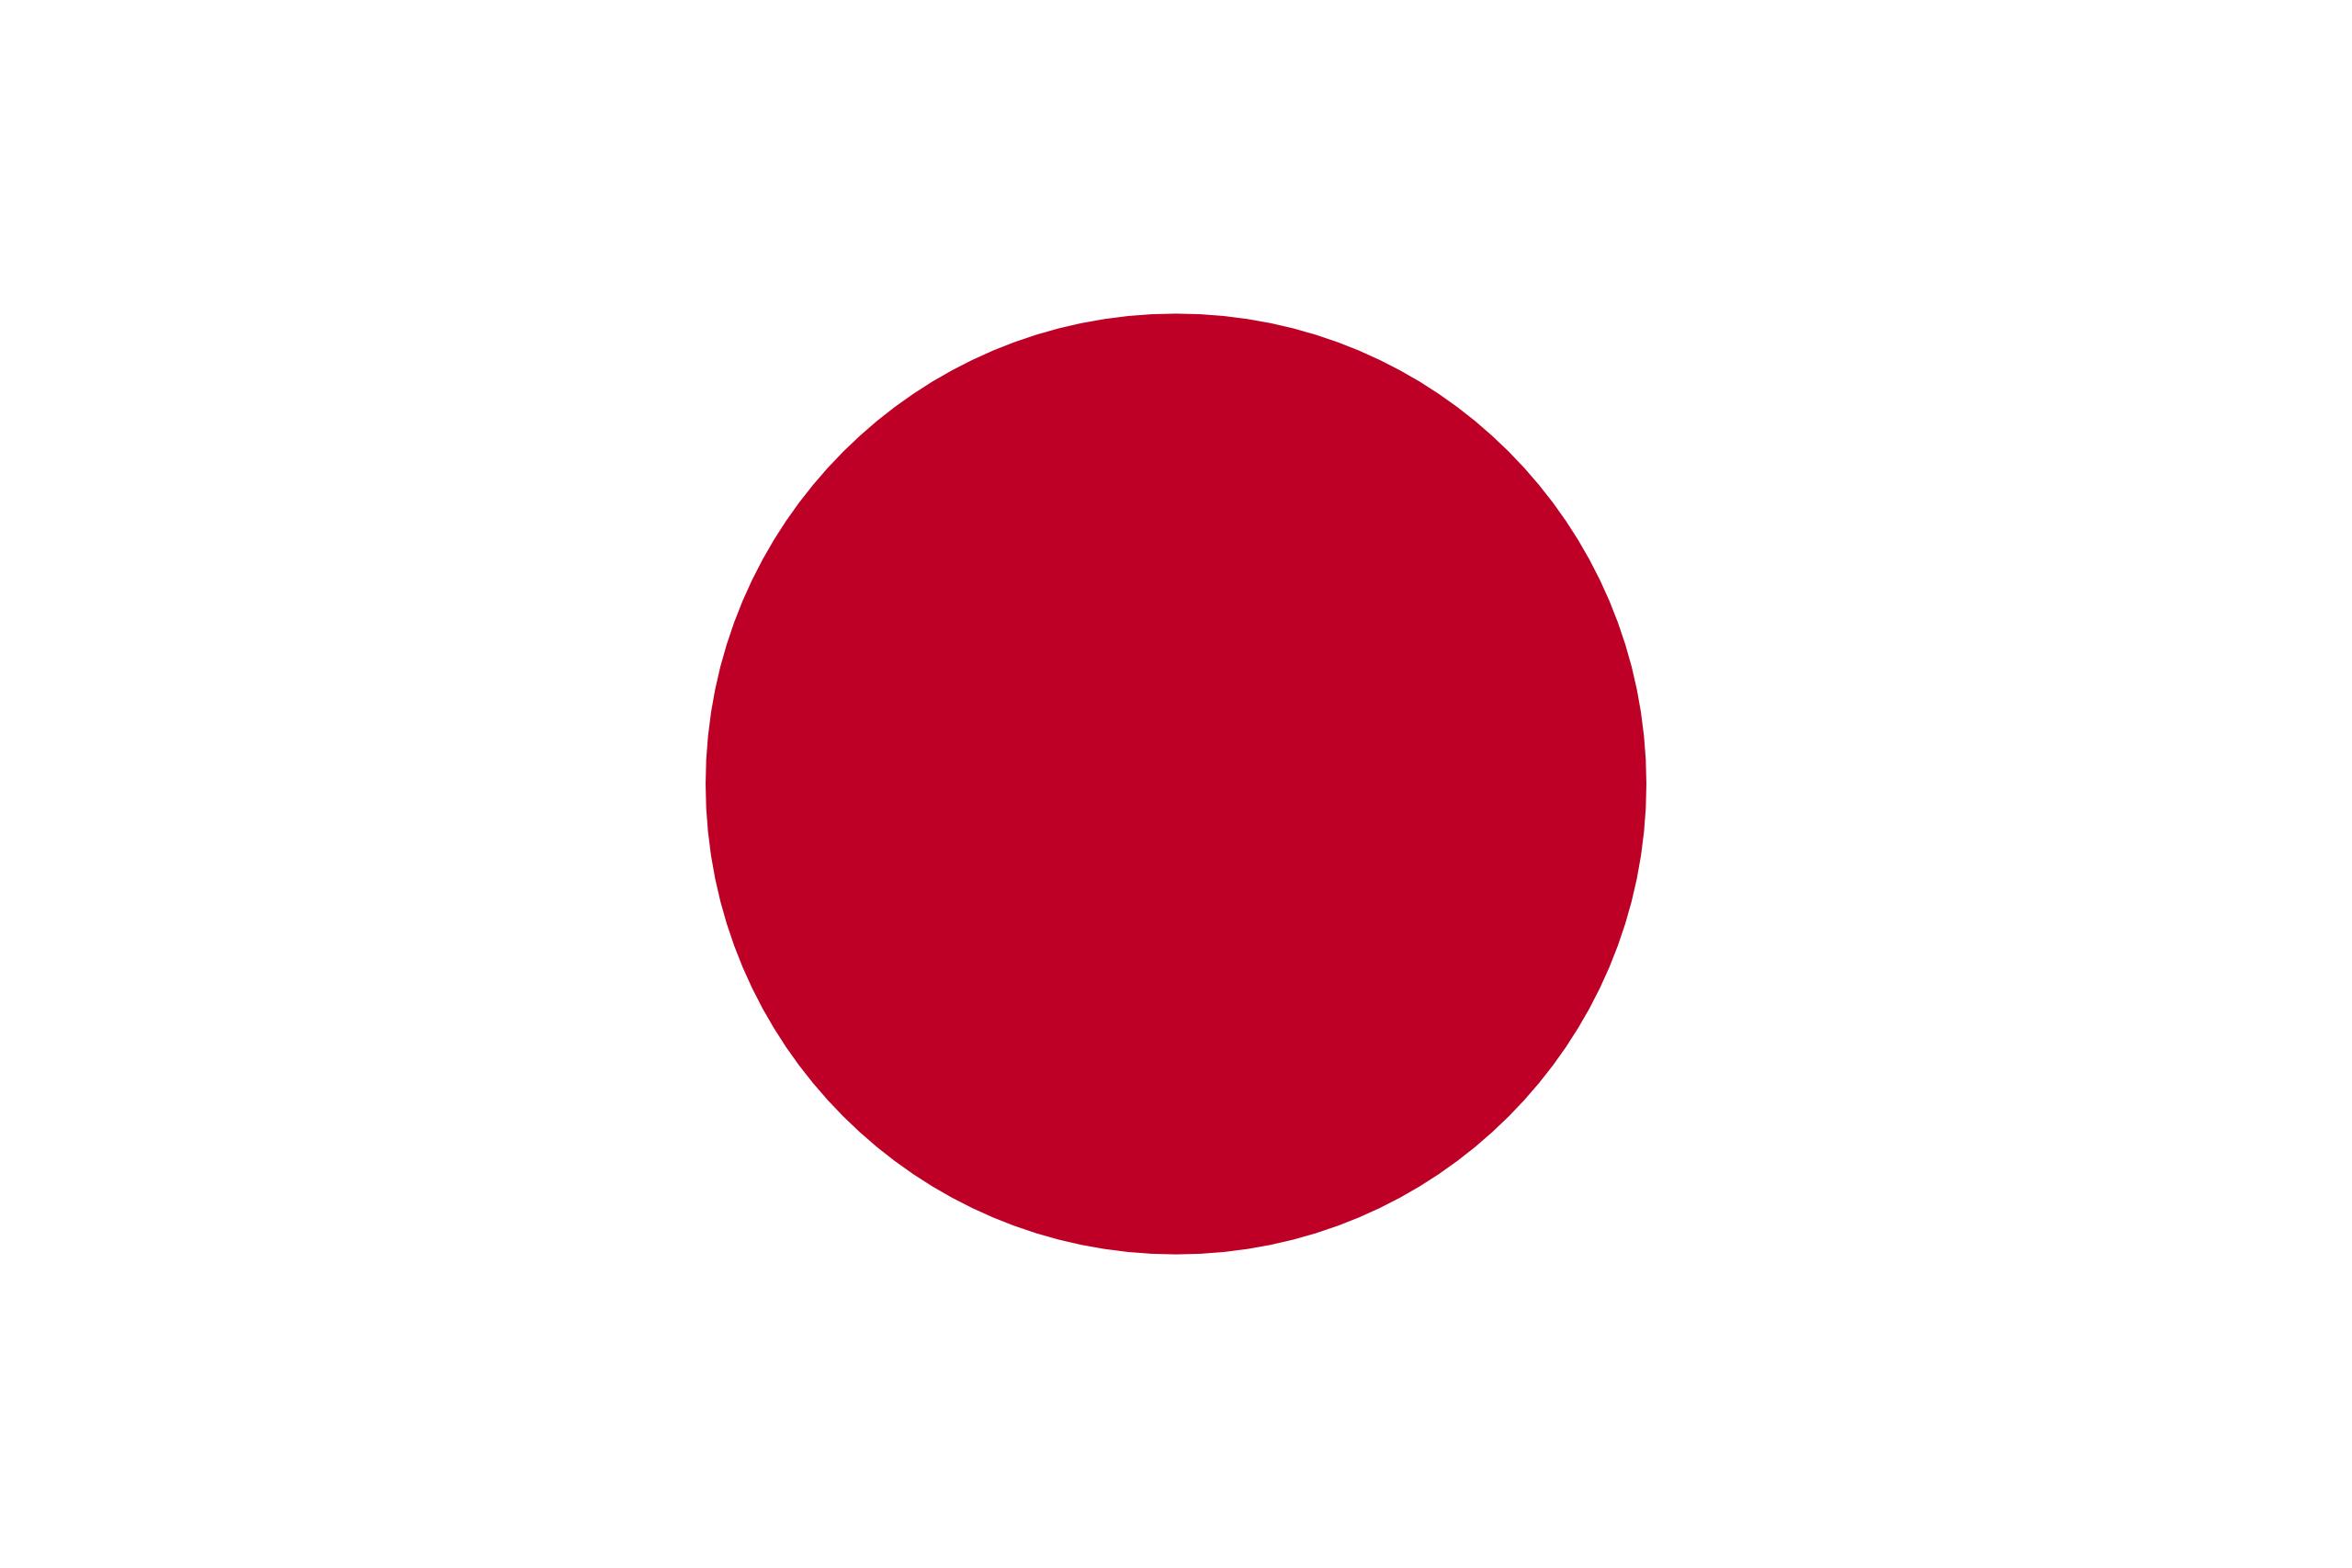 日本, país, emblema, insignia, シンボル - HD の壁紙 - 教授-falken.com